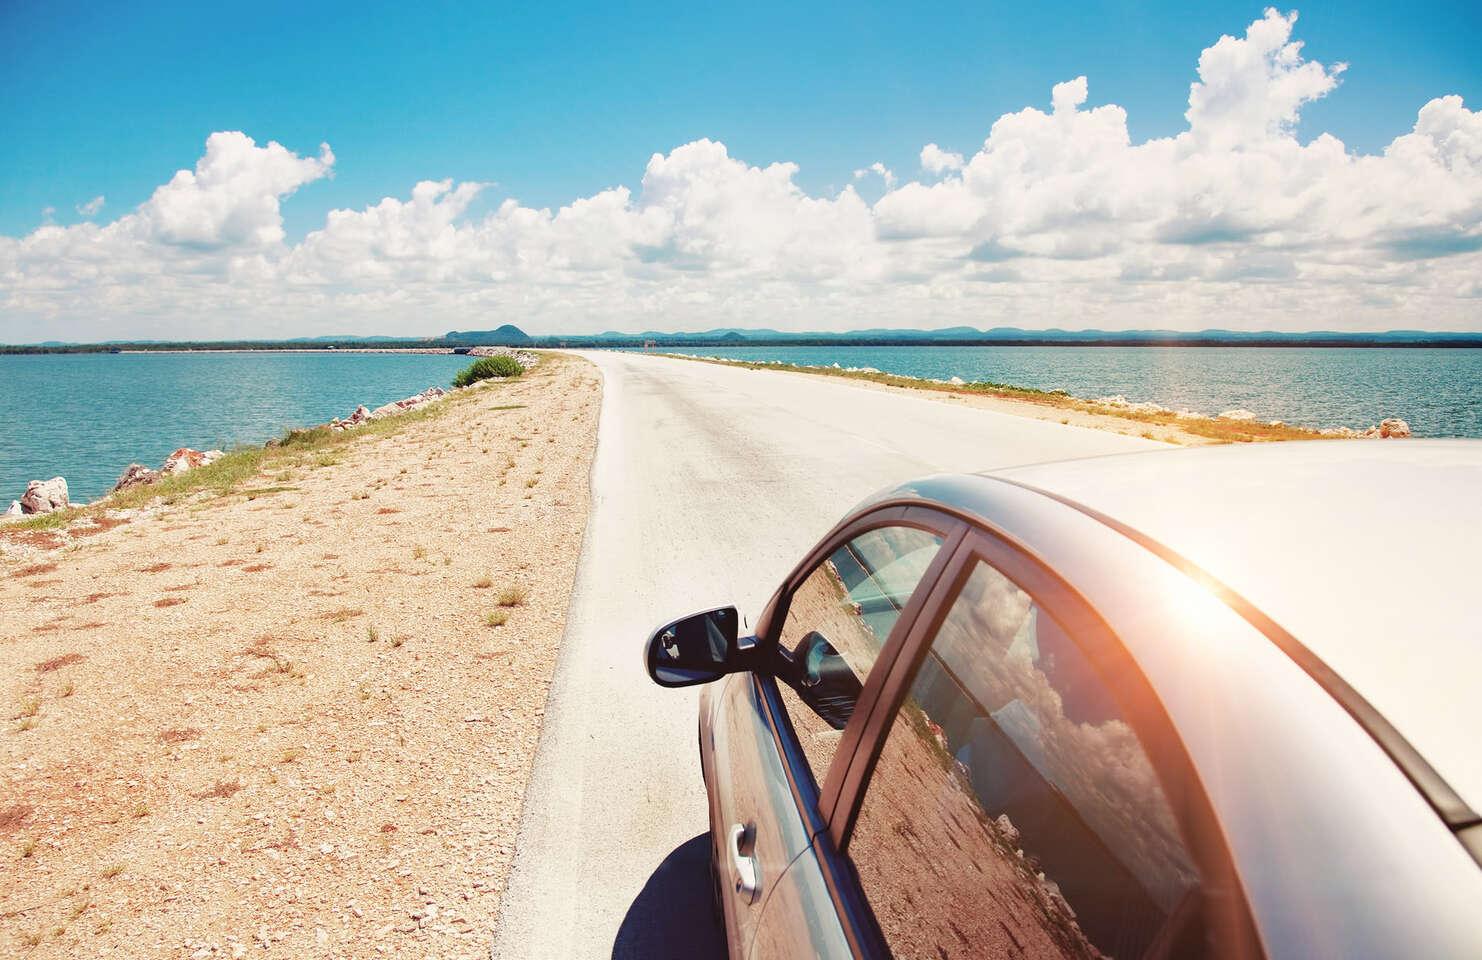 Plnenie klimatizácie auta pre svieži vzduch na vašich cestách